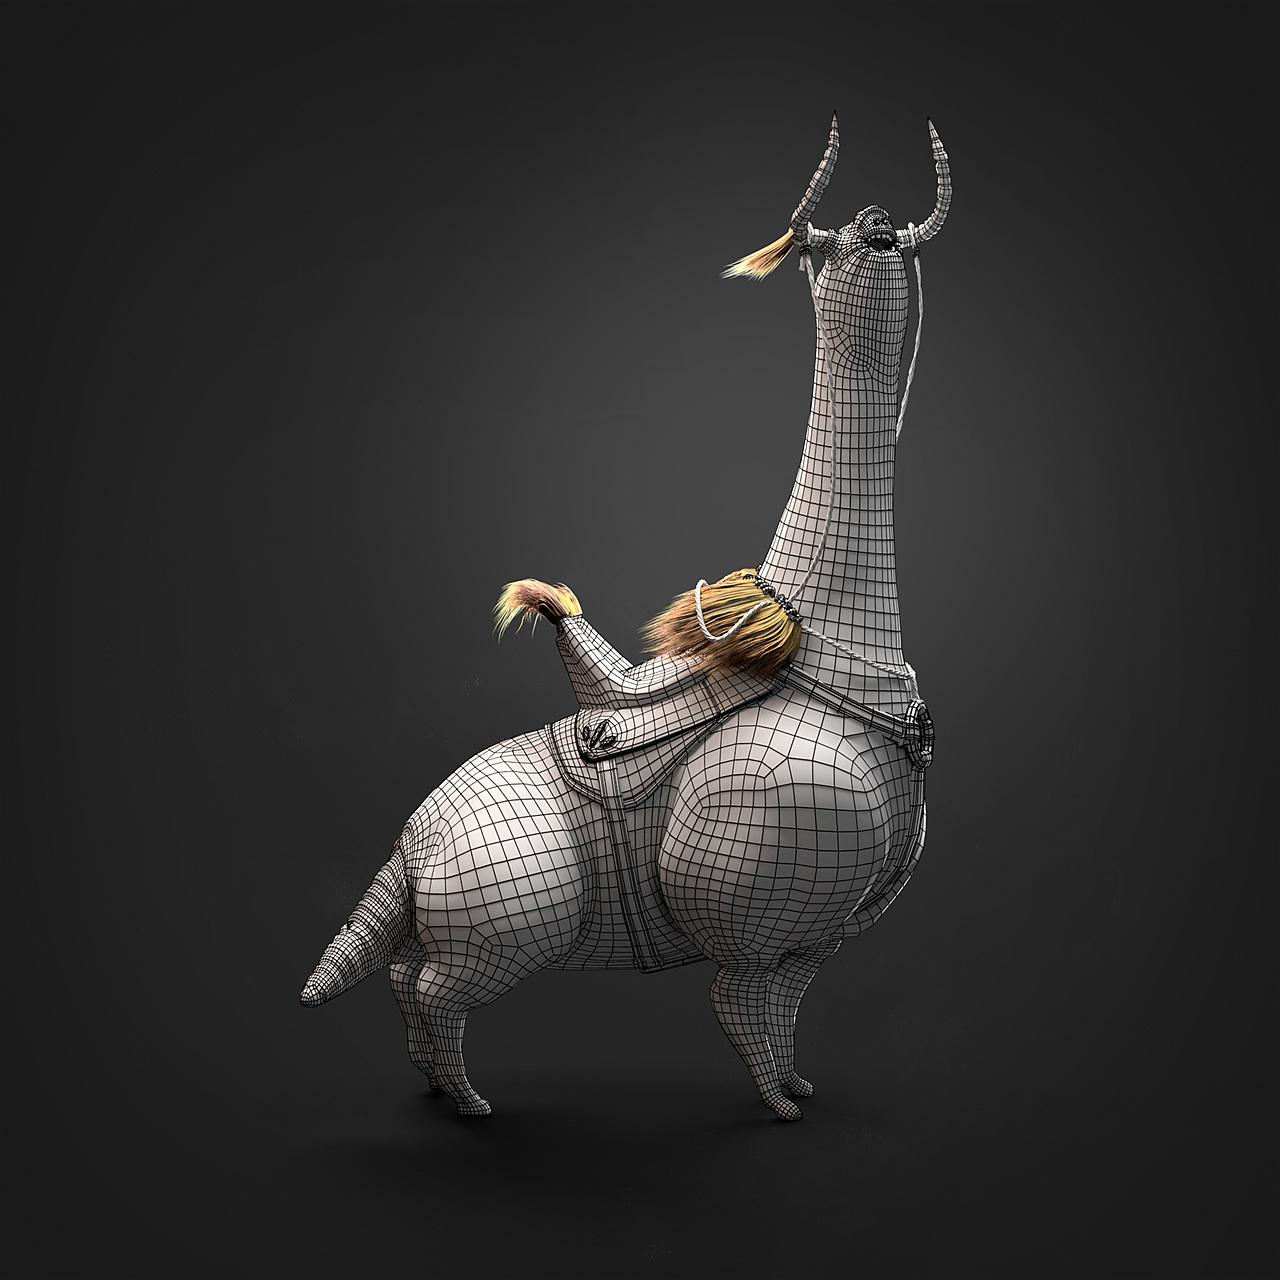 Not a War Horse